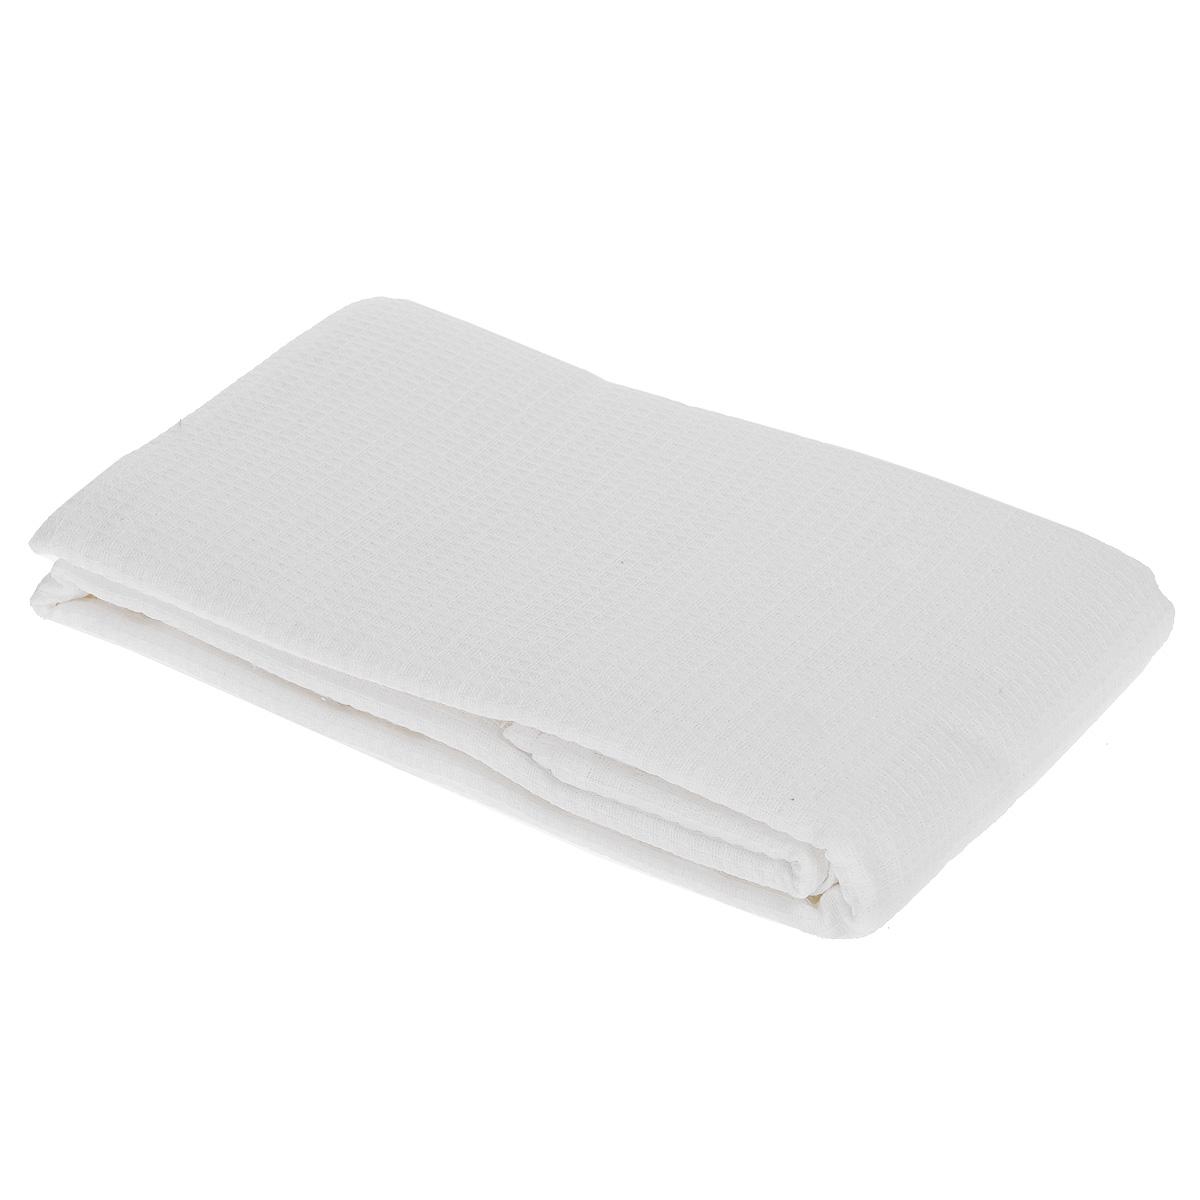 """Полотенце-простыня для бани и сауны """"Банные штучки"""", цвет: белый, 80 см х 150 см"""